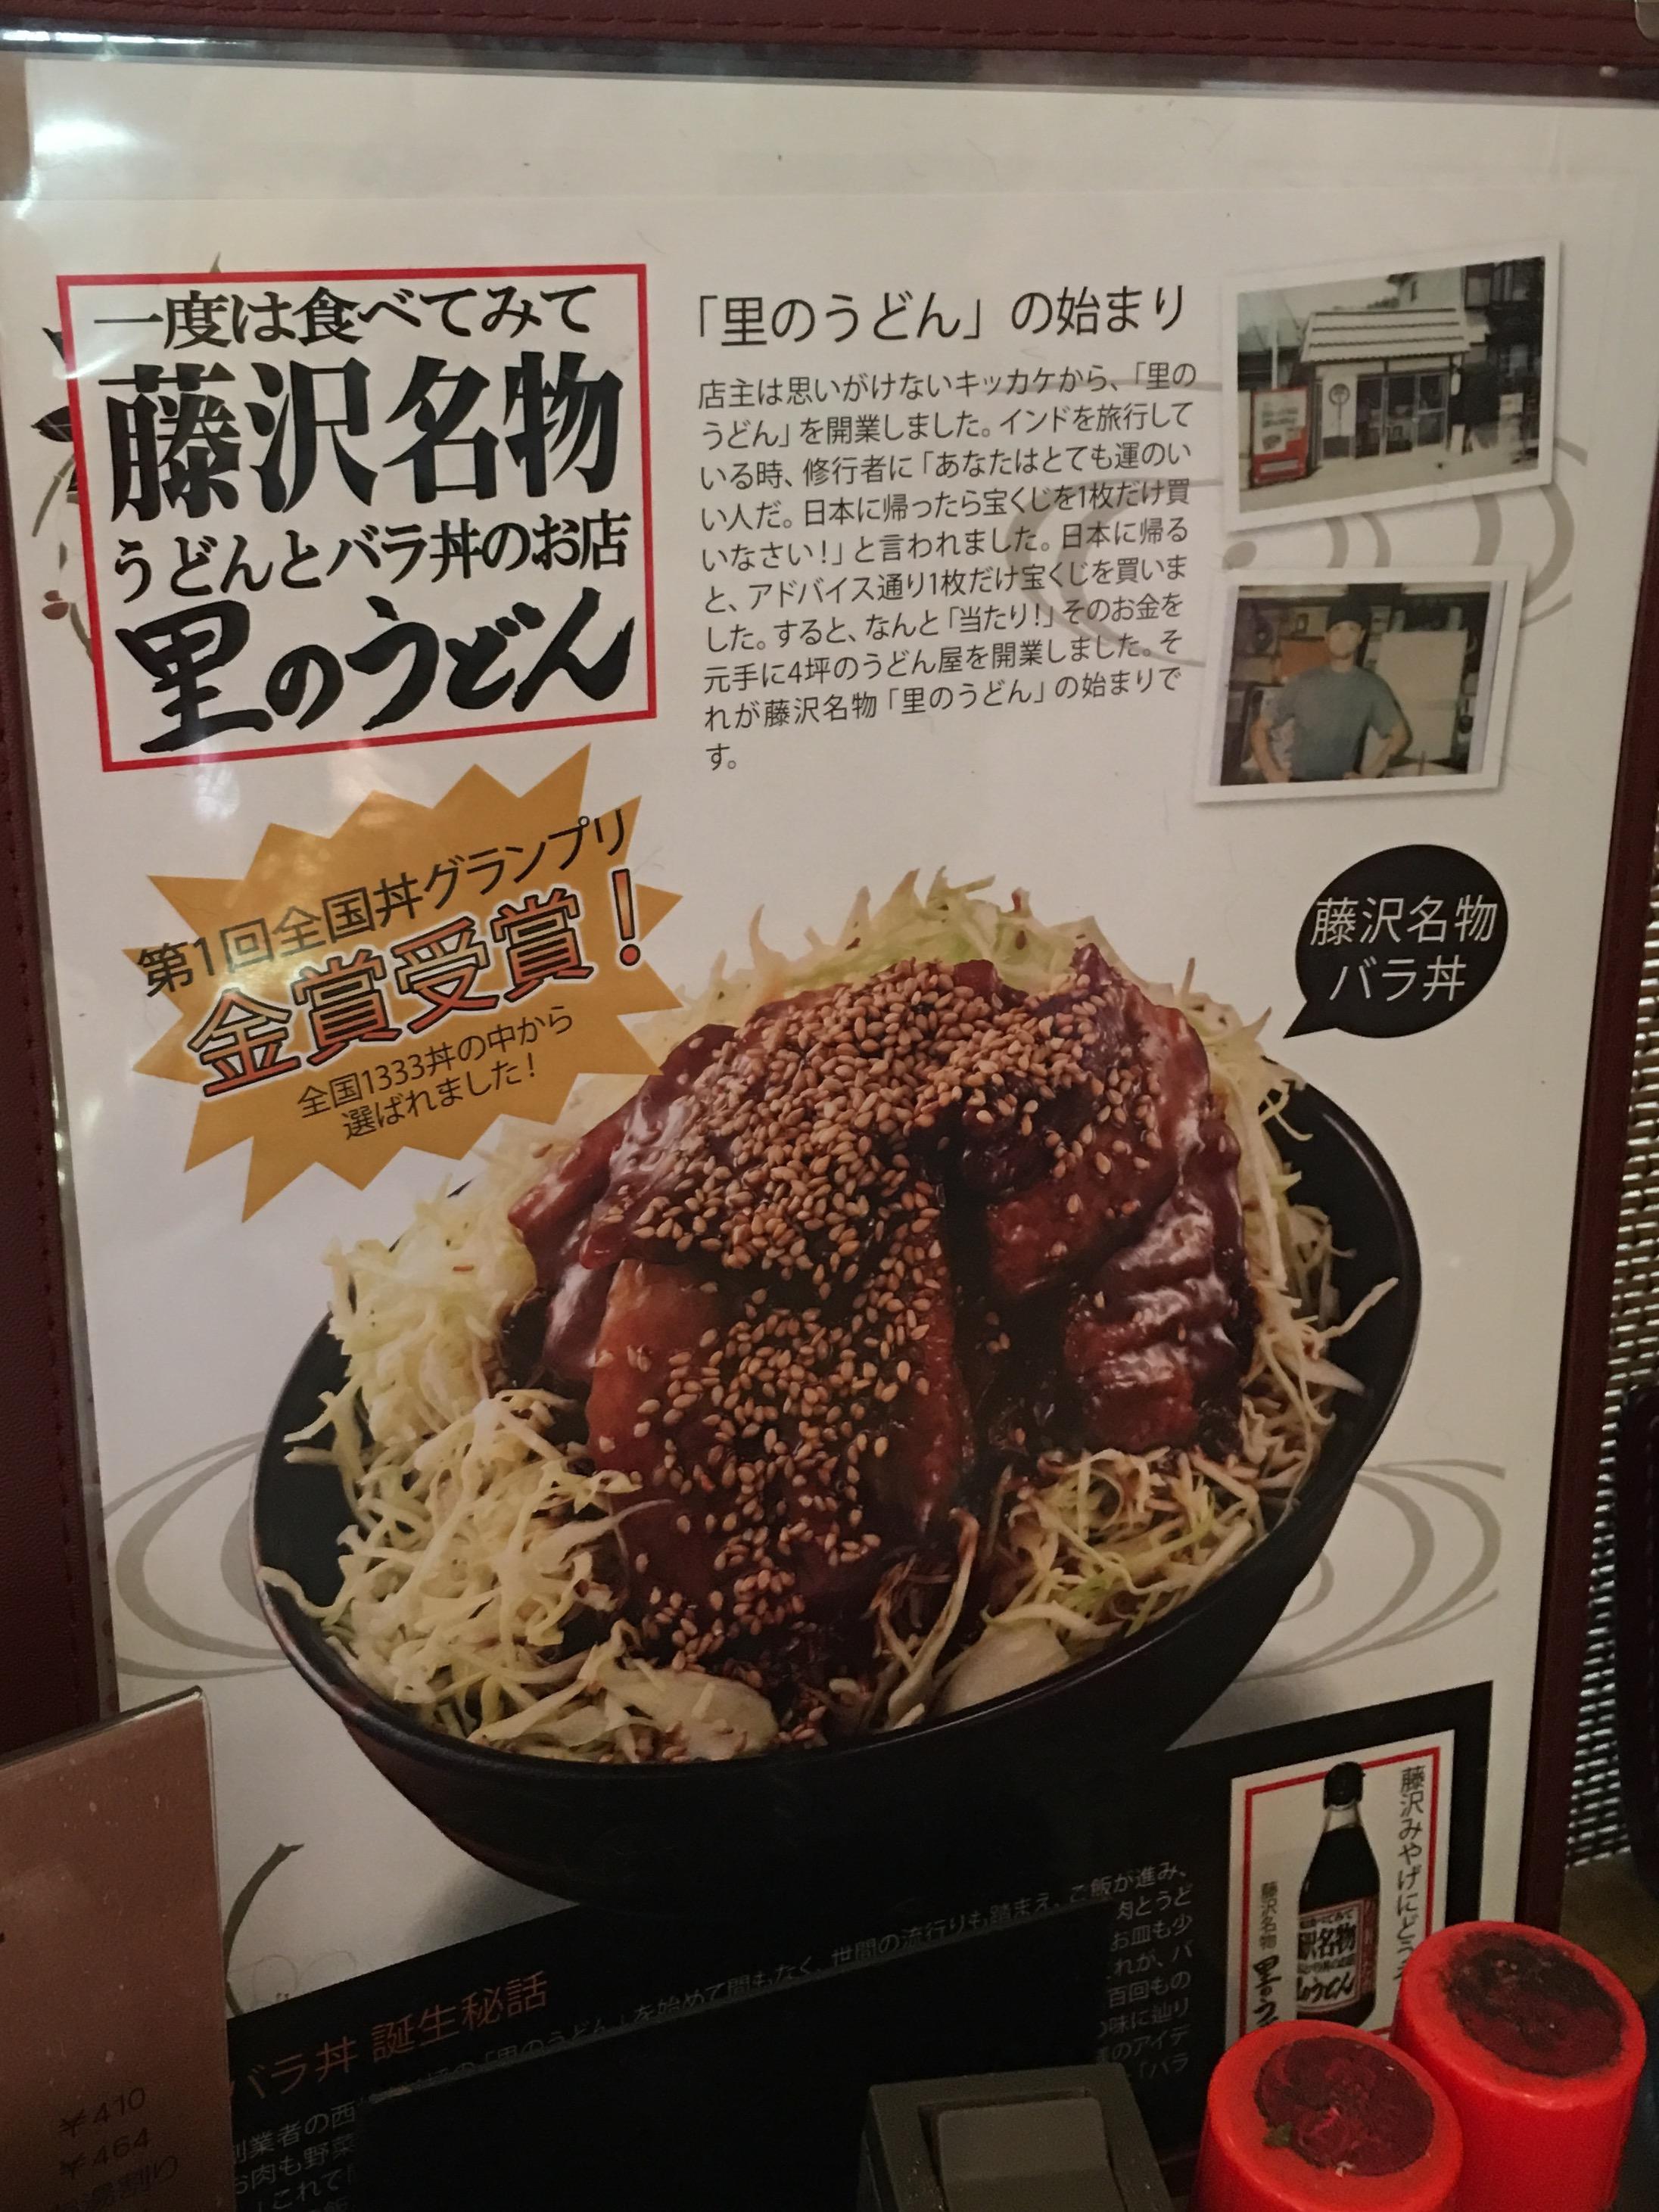 セミナーウィークラストは神奈川県藤沢市 地元の食通、、、Gちゃんからオススメランチ♬